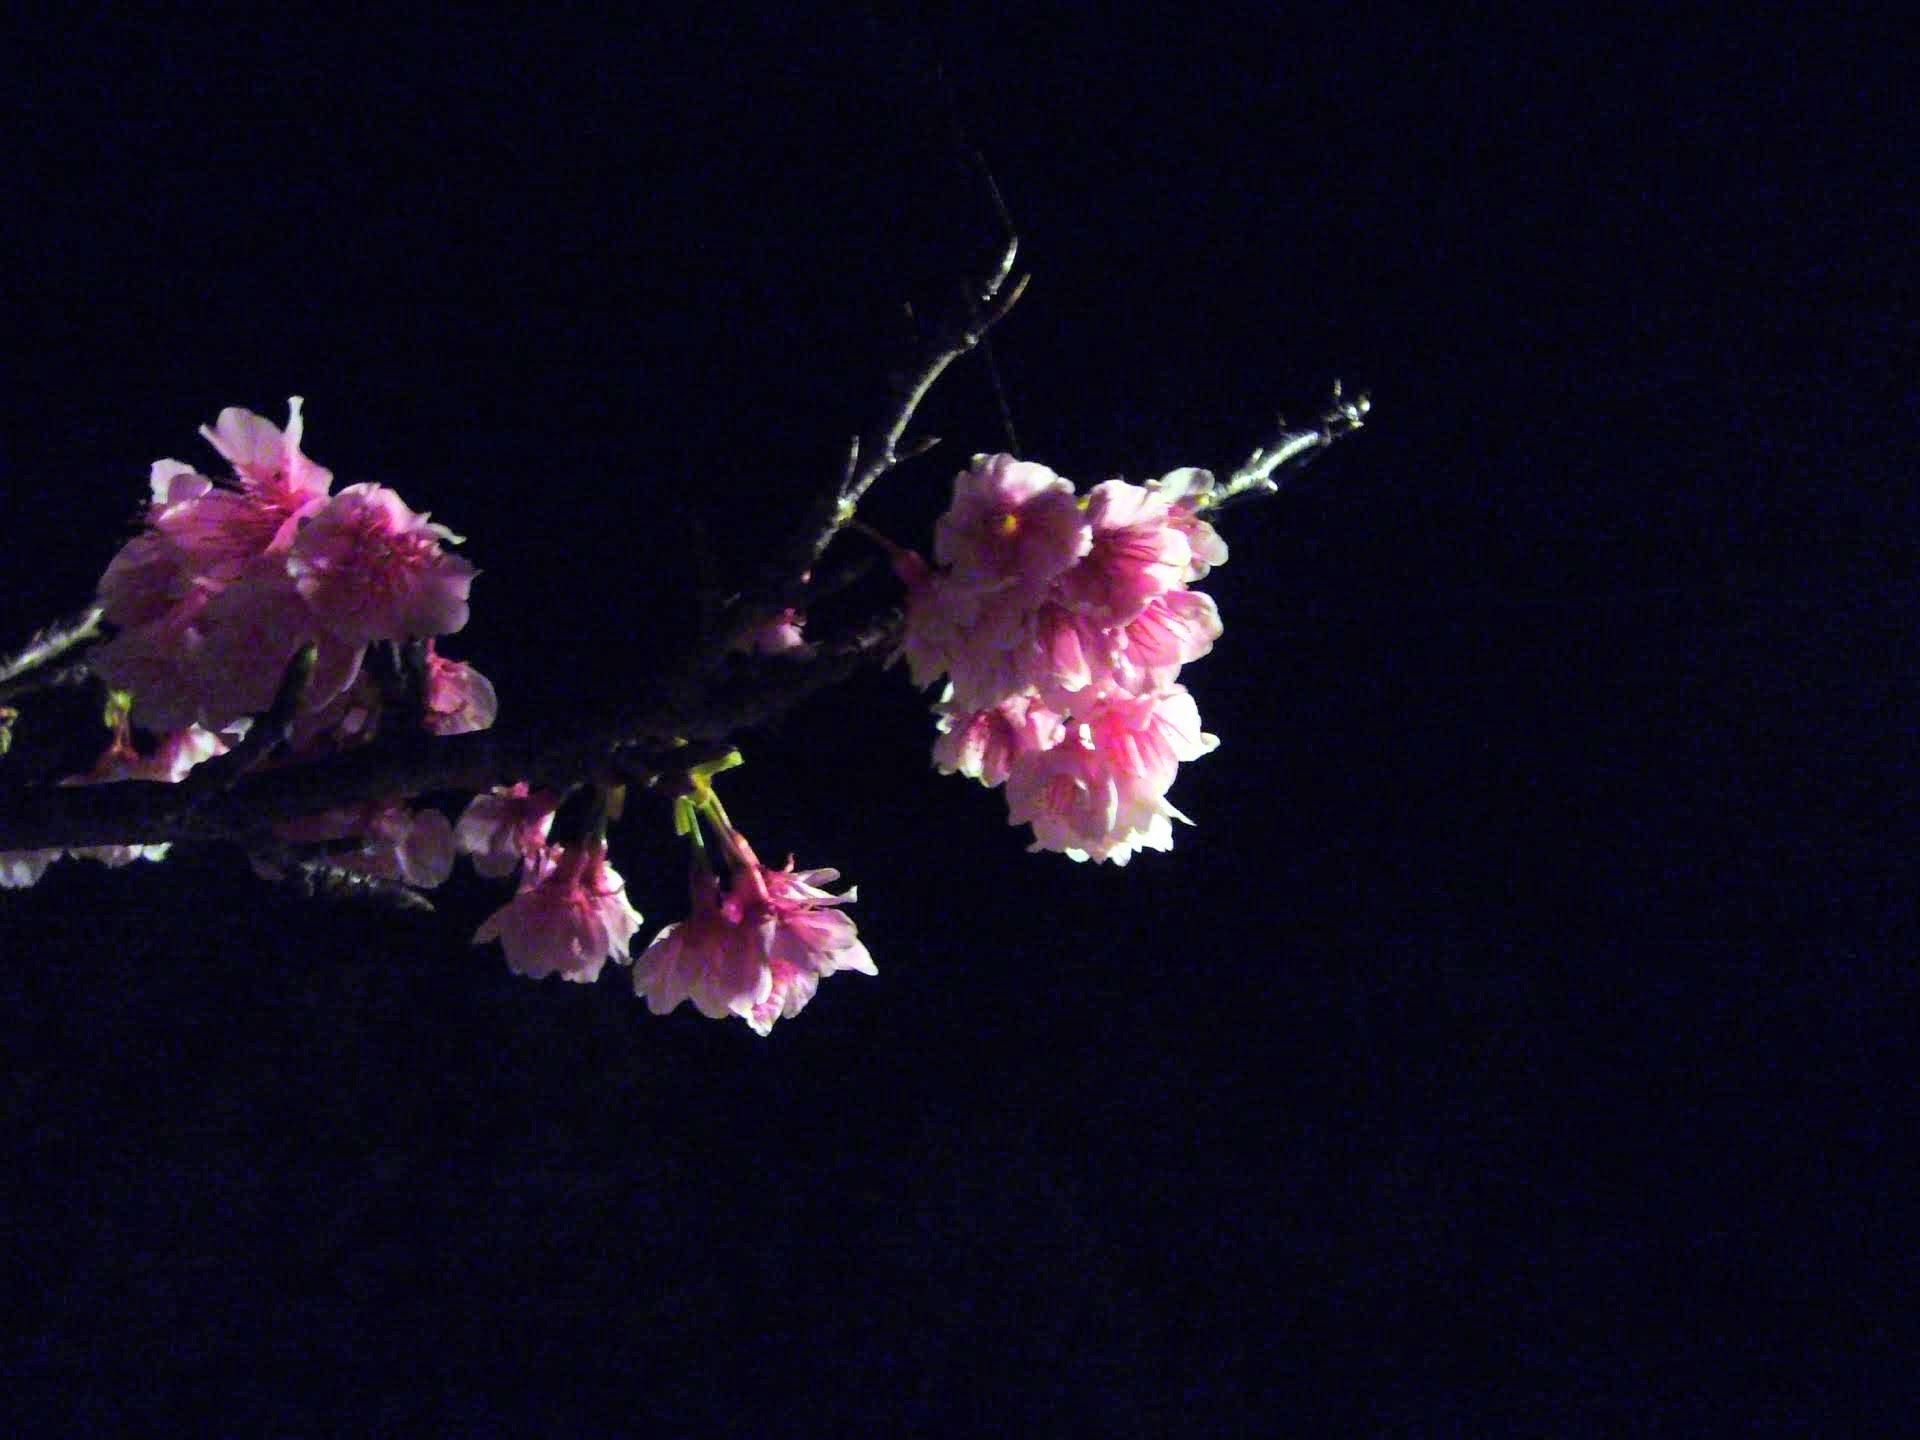 沖縄の桜祭り「やえせ桜まつり」